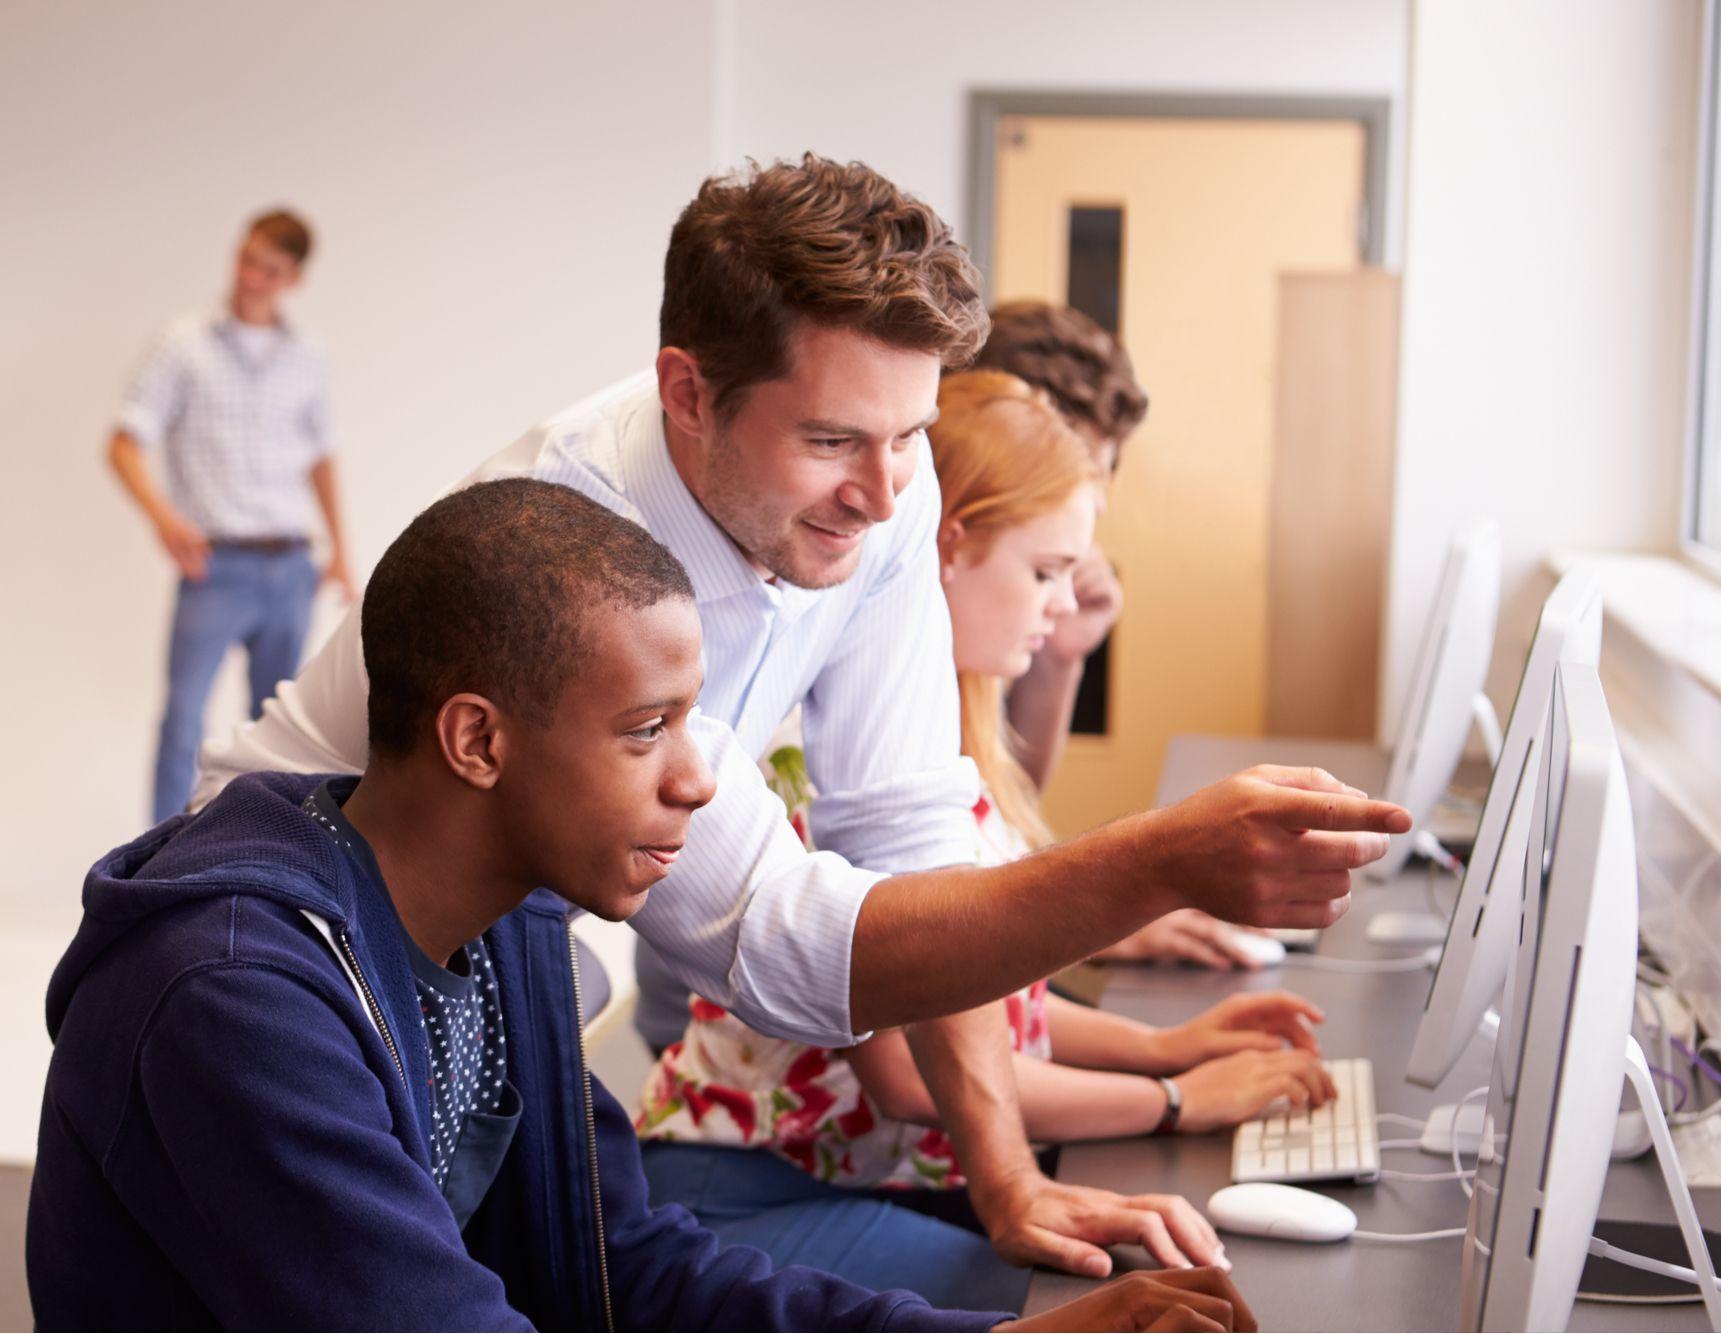 apprentissage ; alternance ; formation ; CFA ; Cerfal ; UFA ; entreprises partenaires ; certification Qualiopi, contrat d'apprentissage, contrat alternance, expertise, taux de réussite, employeur, insertion professionnelle, insertion sociale, prépa-apprentissage